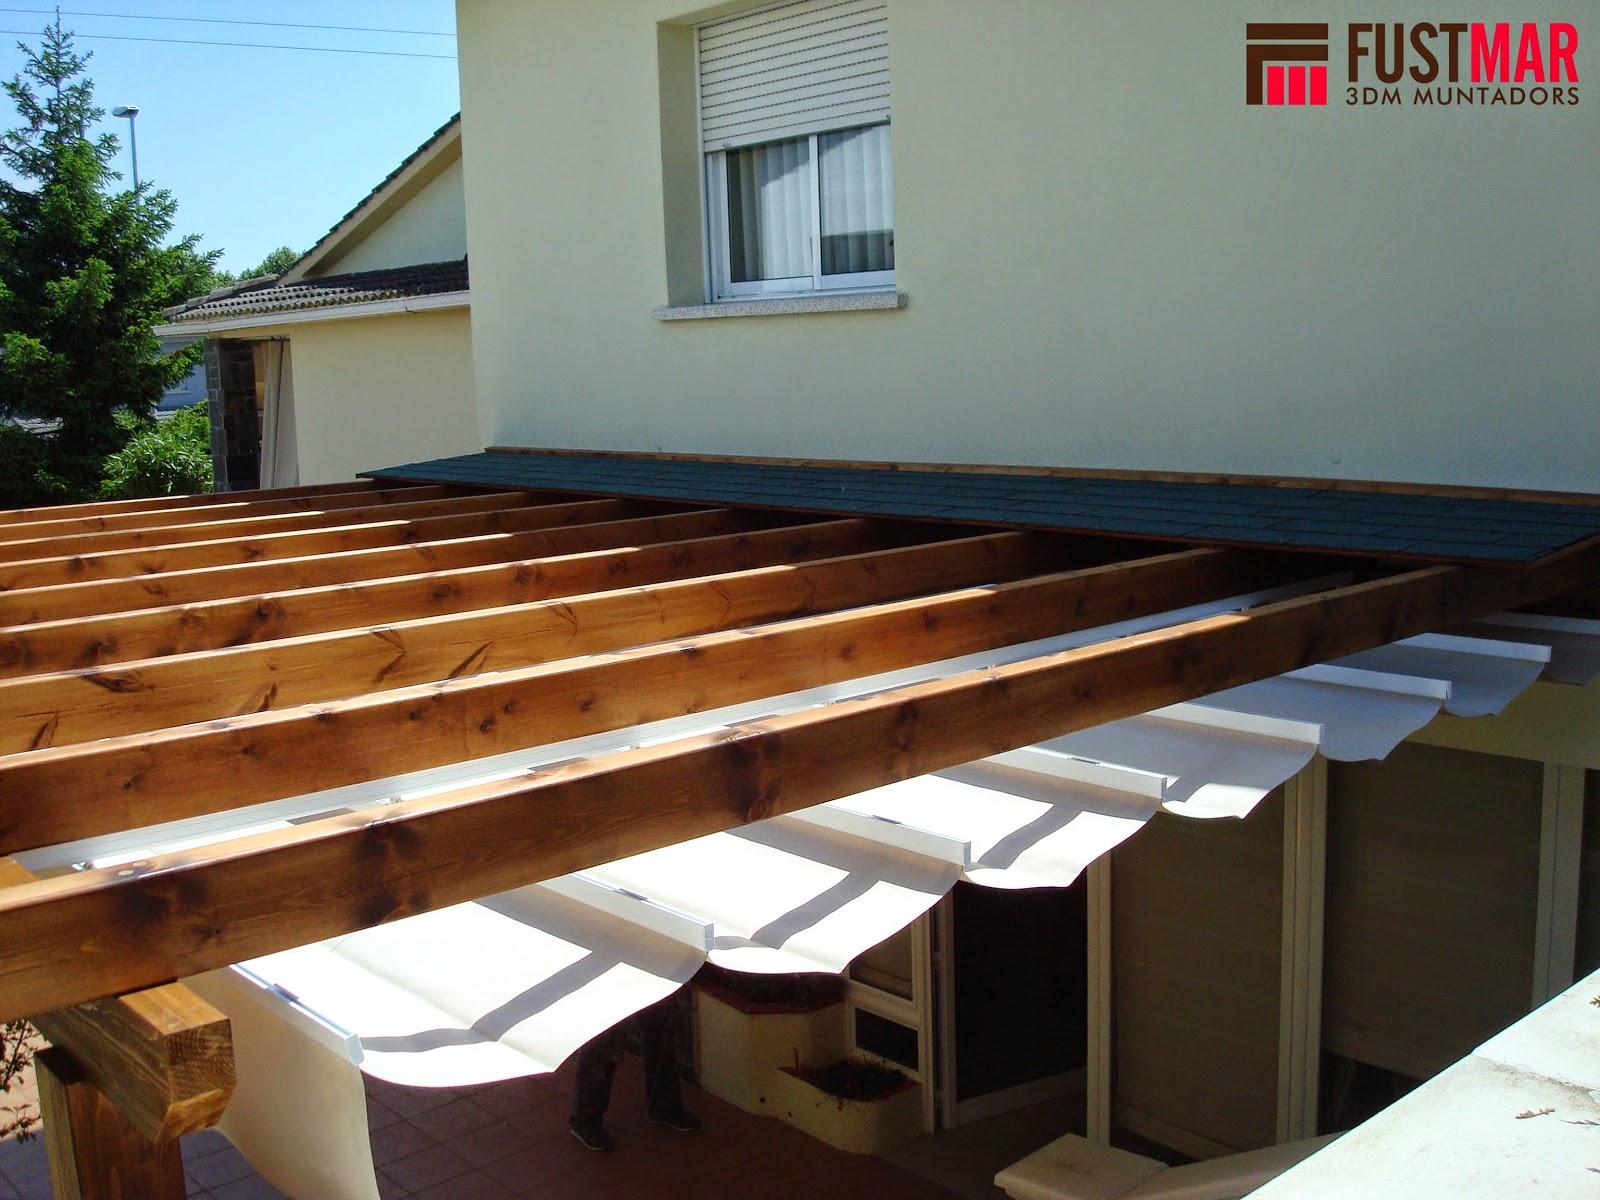 Carpinteria fustmar pergola de madera acabada con toldo for Toldos madera para terrazas